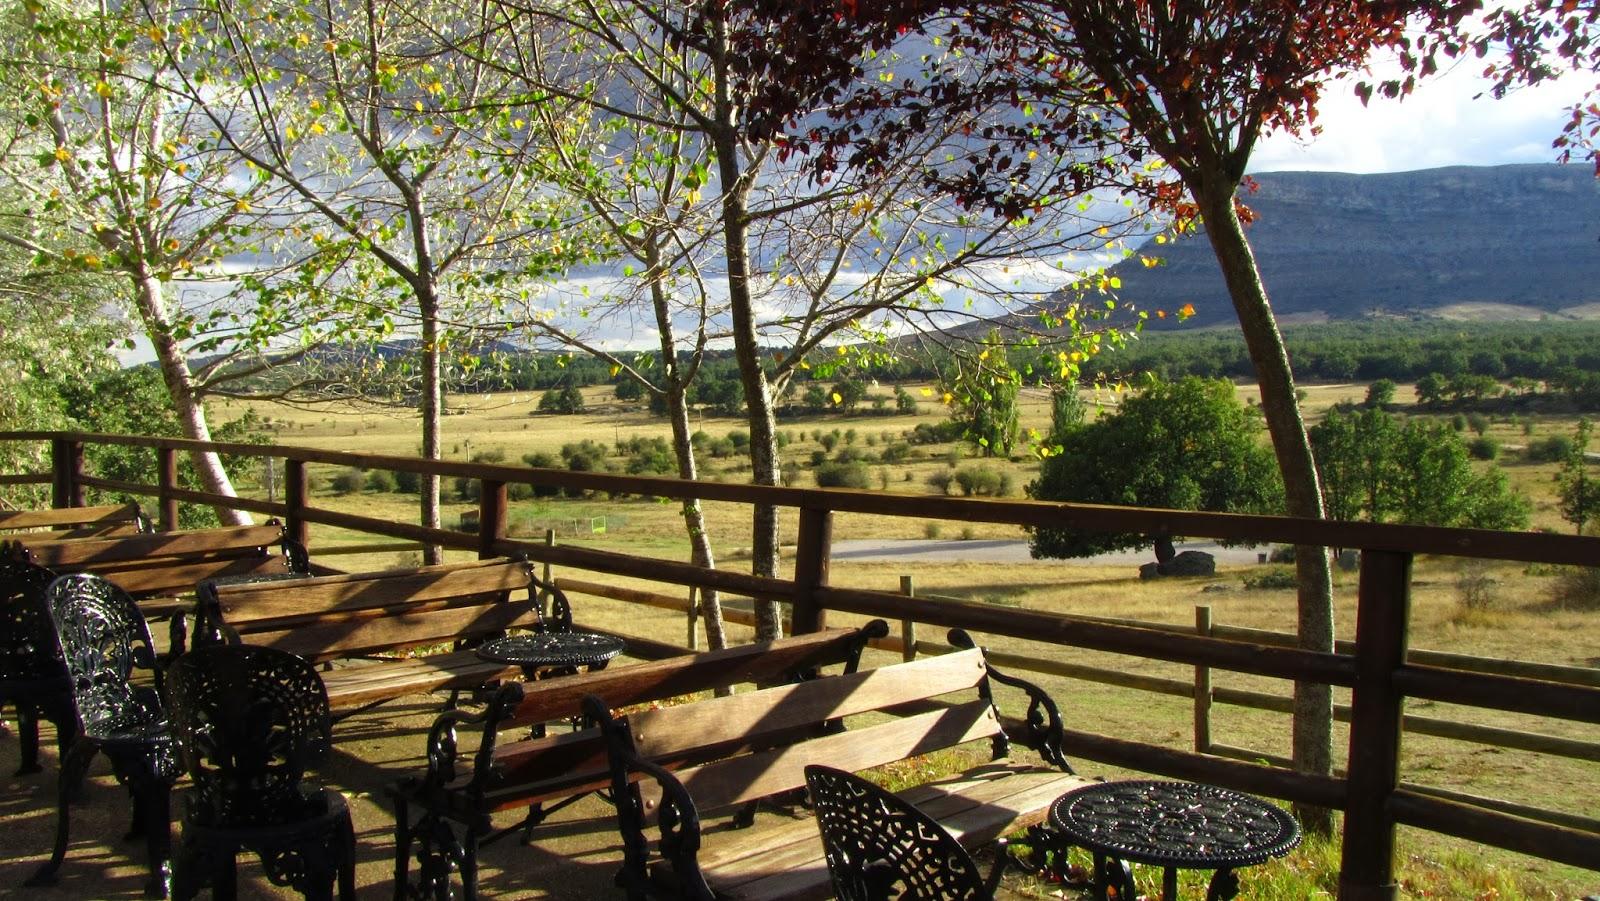 Terraza en restaurante Valonsadero, Soria